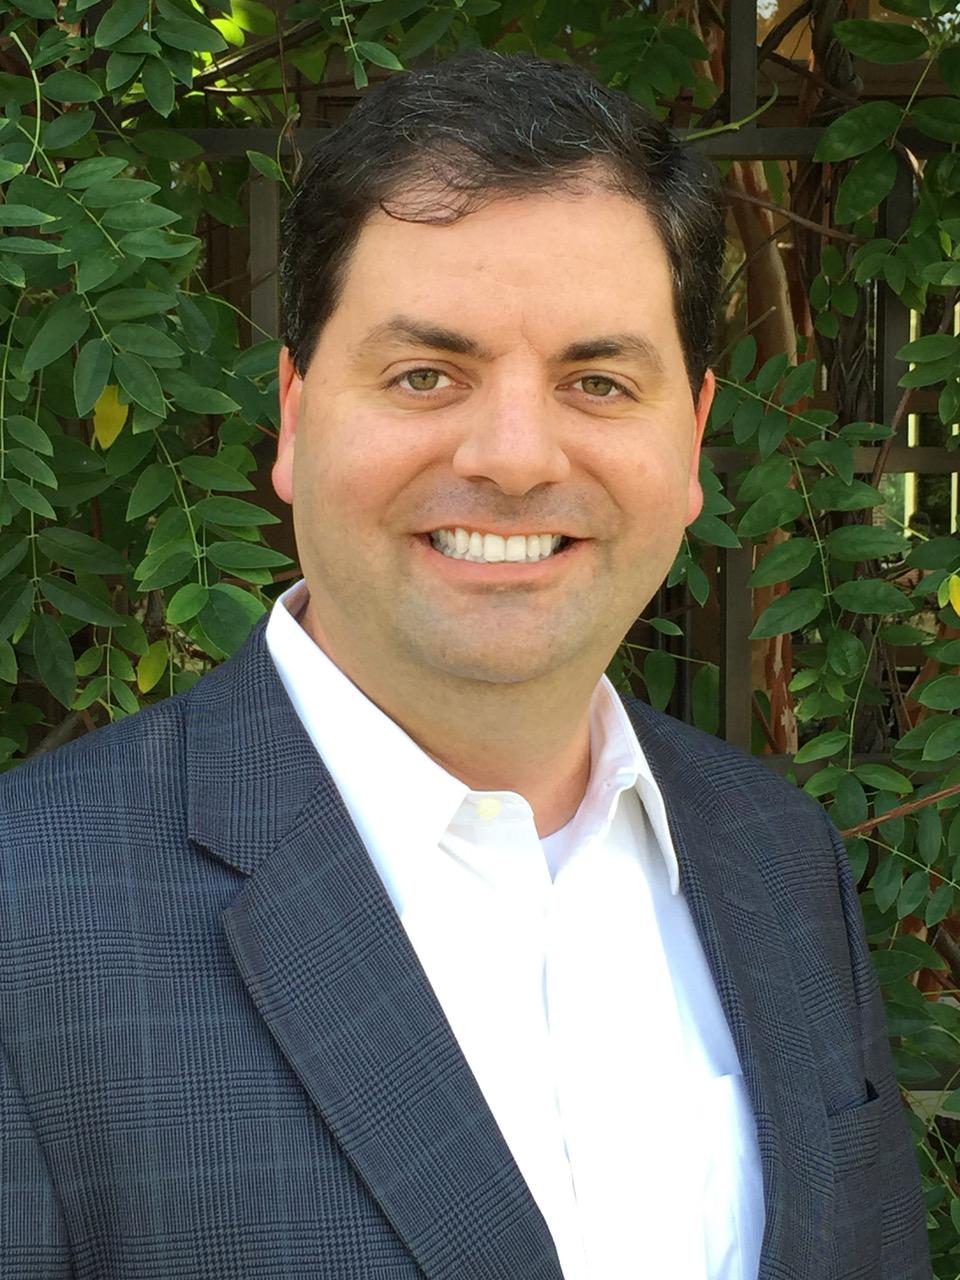 Jim Cali